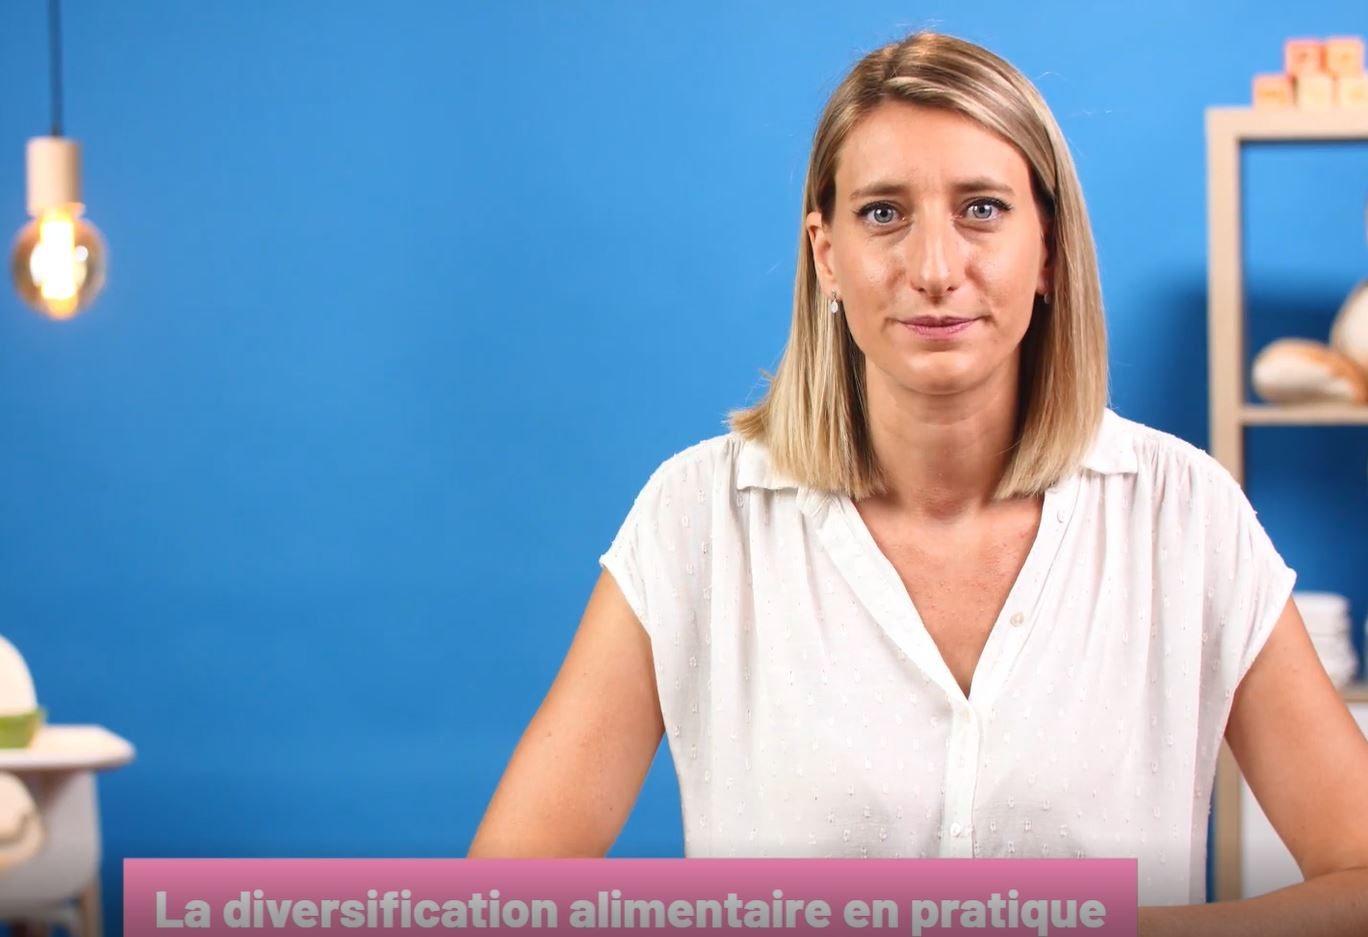 Vidéo diversification alimentaire